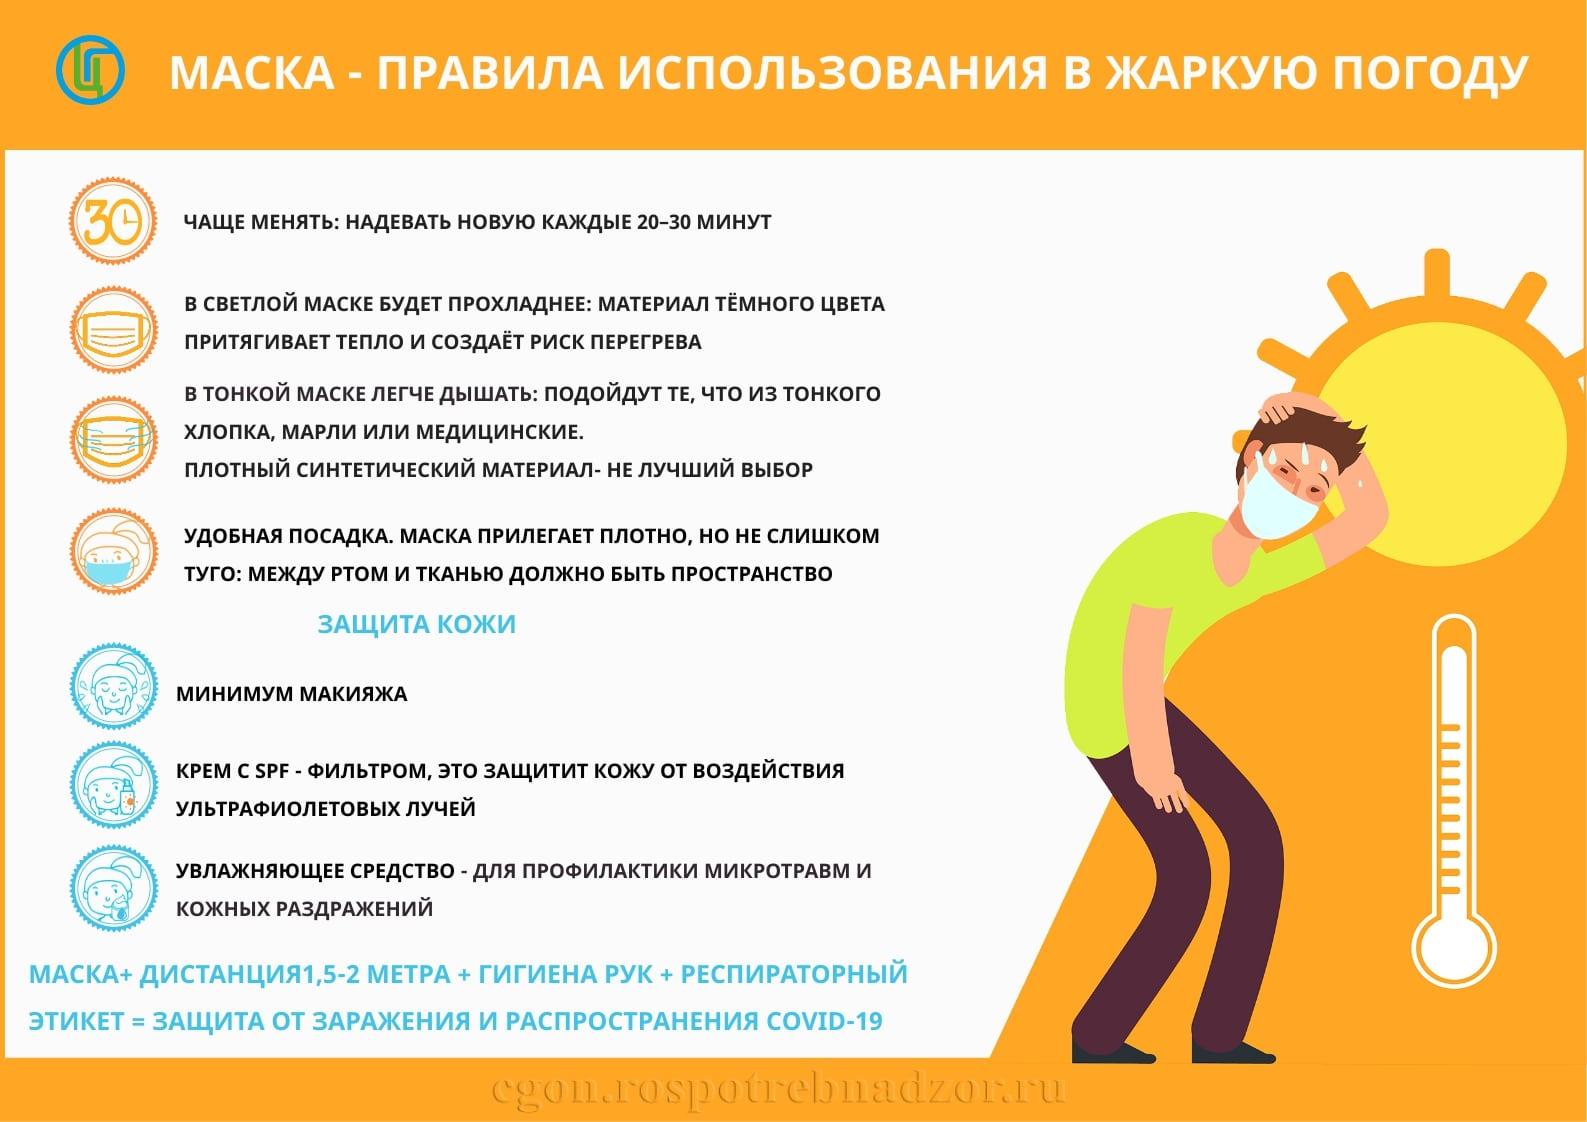 Омичам посоветовали менять маски каждые 20 минут из-за жары #Новости #Общество #Омск